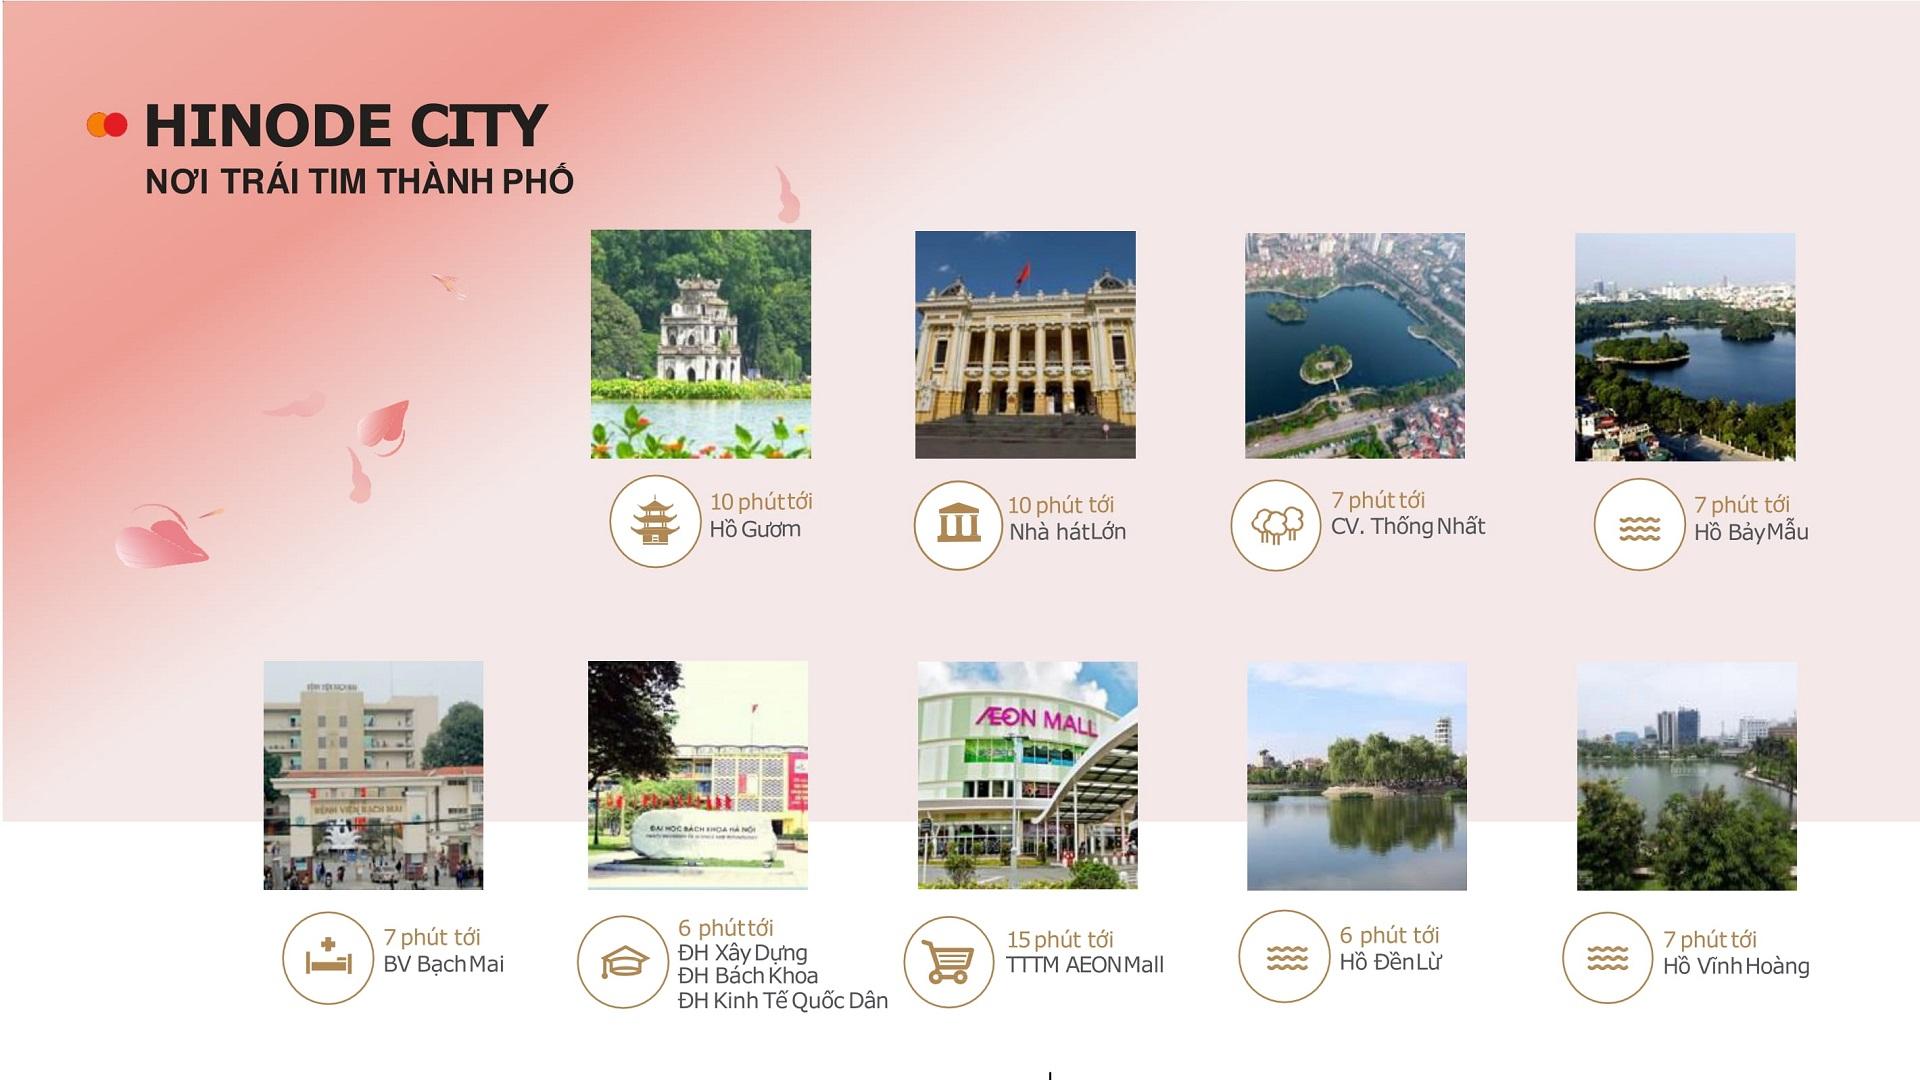 liên kết vùng dự án hinode city 201 minh khai